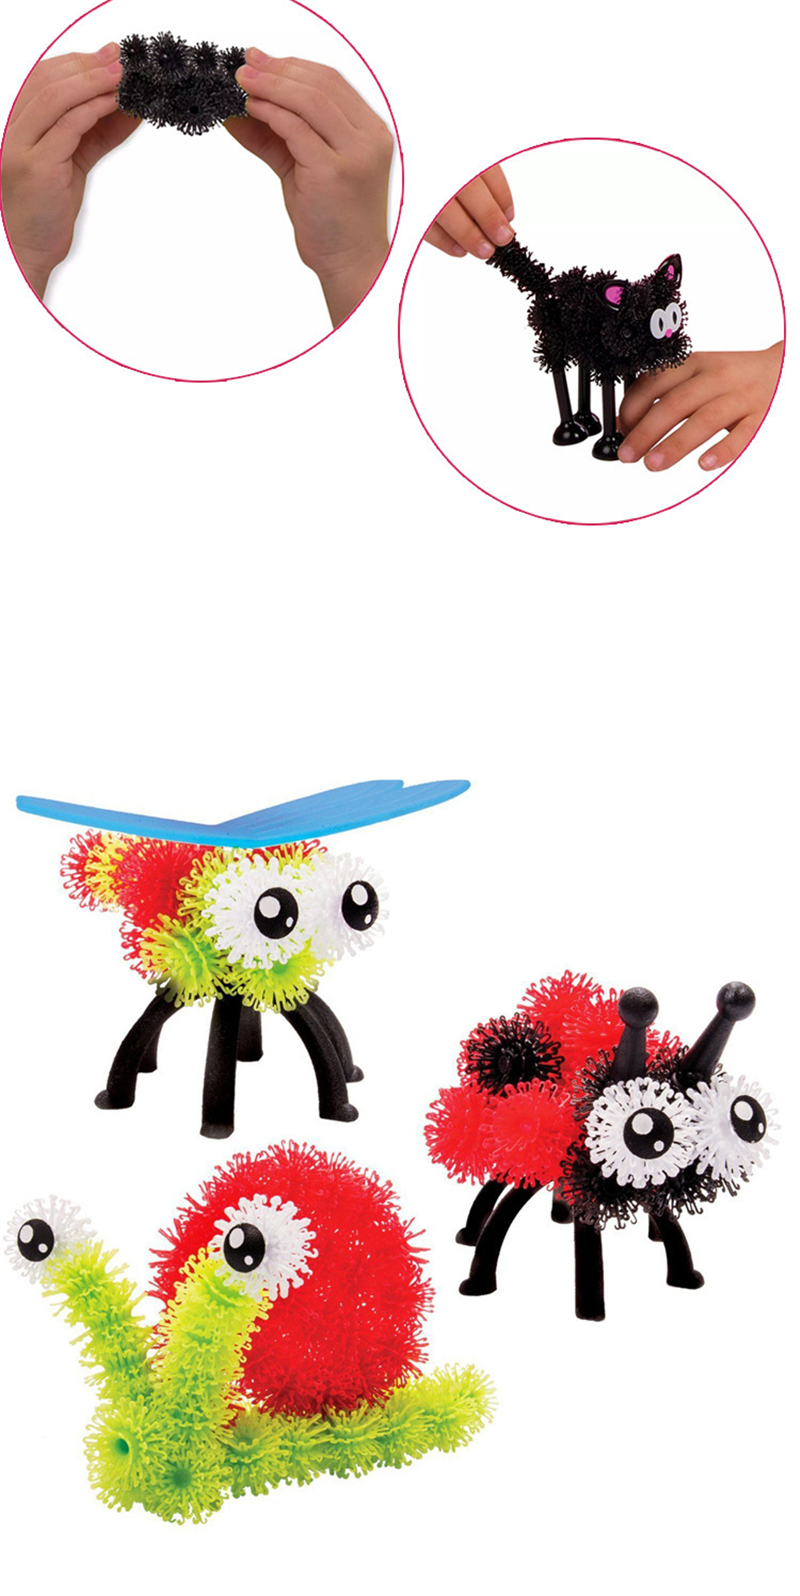 400-600 шт. + 36 шт. аксессуары построить мега пакет животные аксессуар для DIY сборка блока игрушки набор магия фугу мяч для малыша